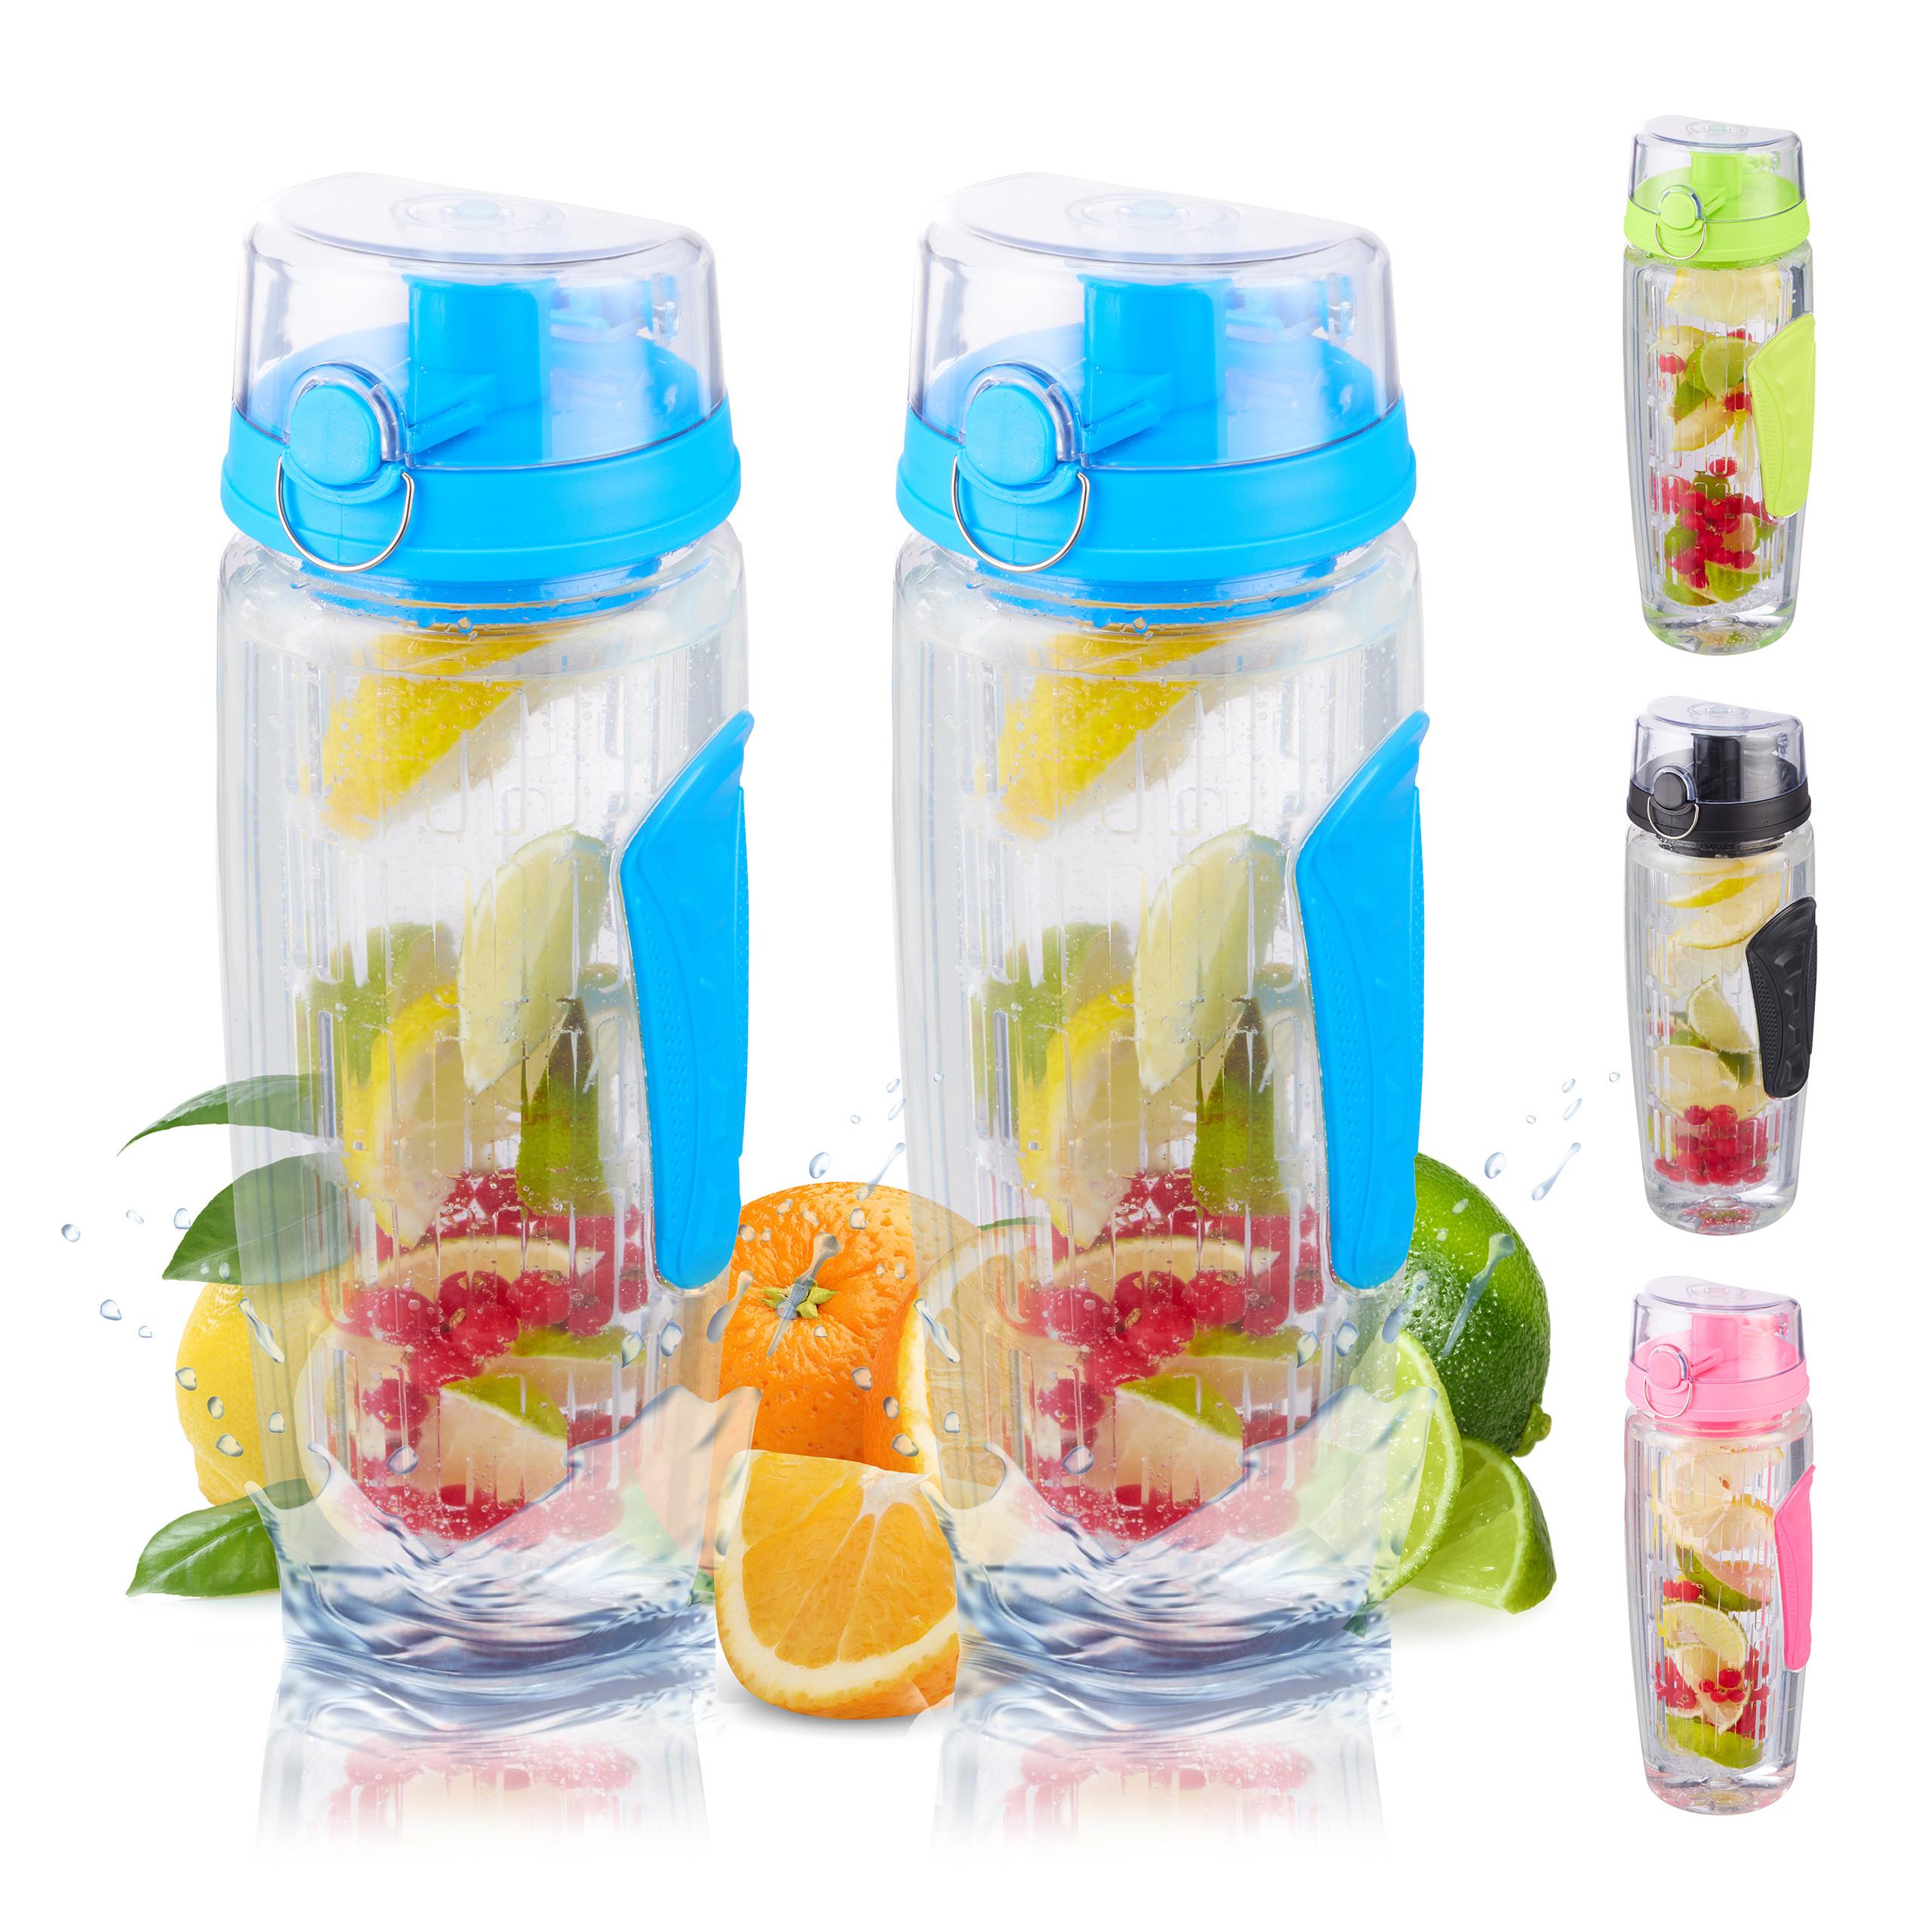 2 x Trinkflasche Obsteinsatz Infuser Trinkflasche Wasserflasche Infuser Bottle